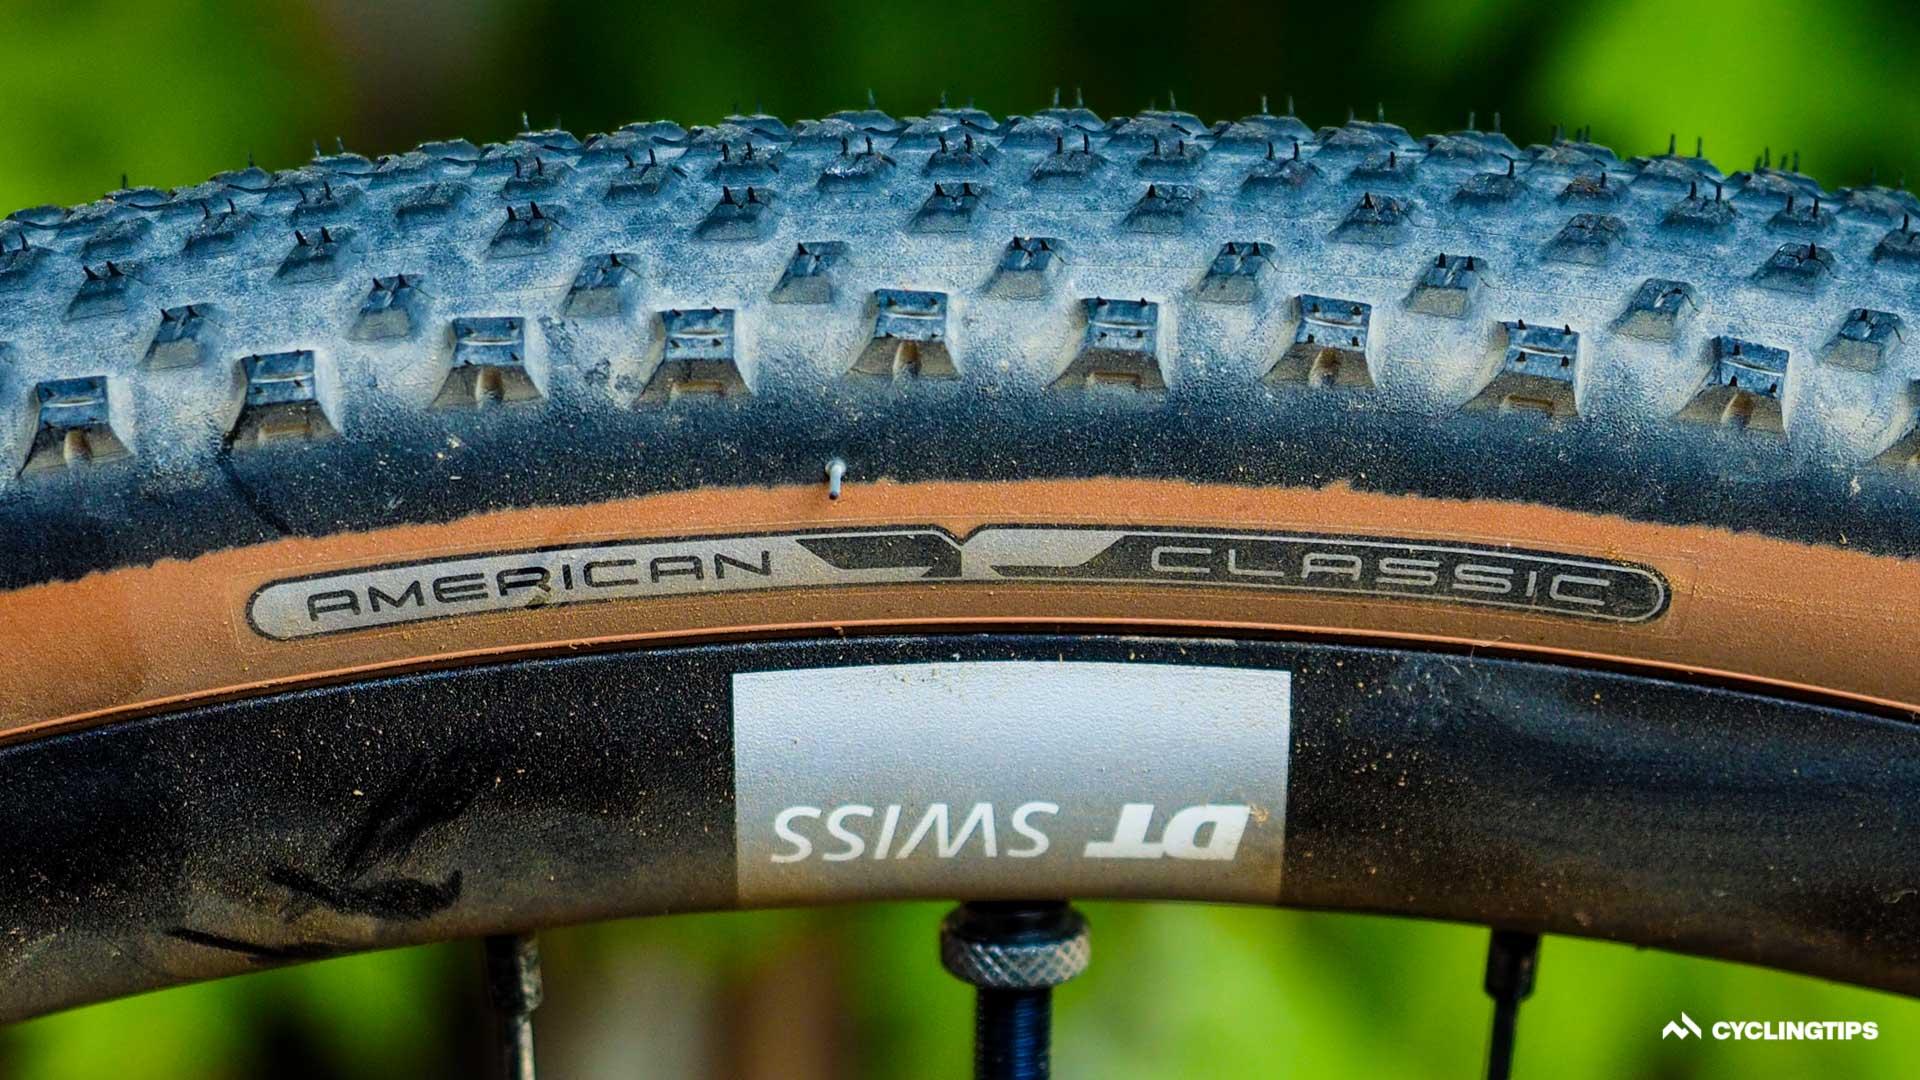 American Classic se znovu rodí jako značka silničních a štěrkových pneumatik zaměřená na hodnotu